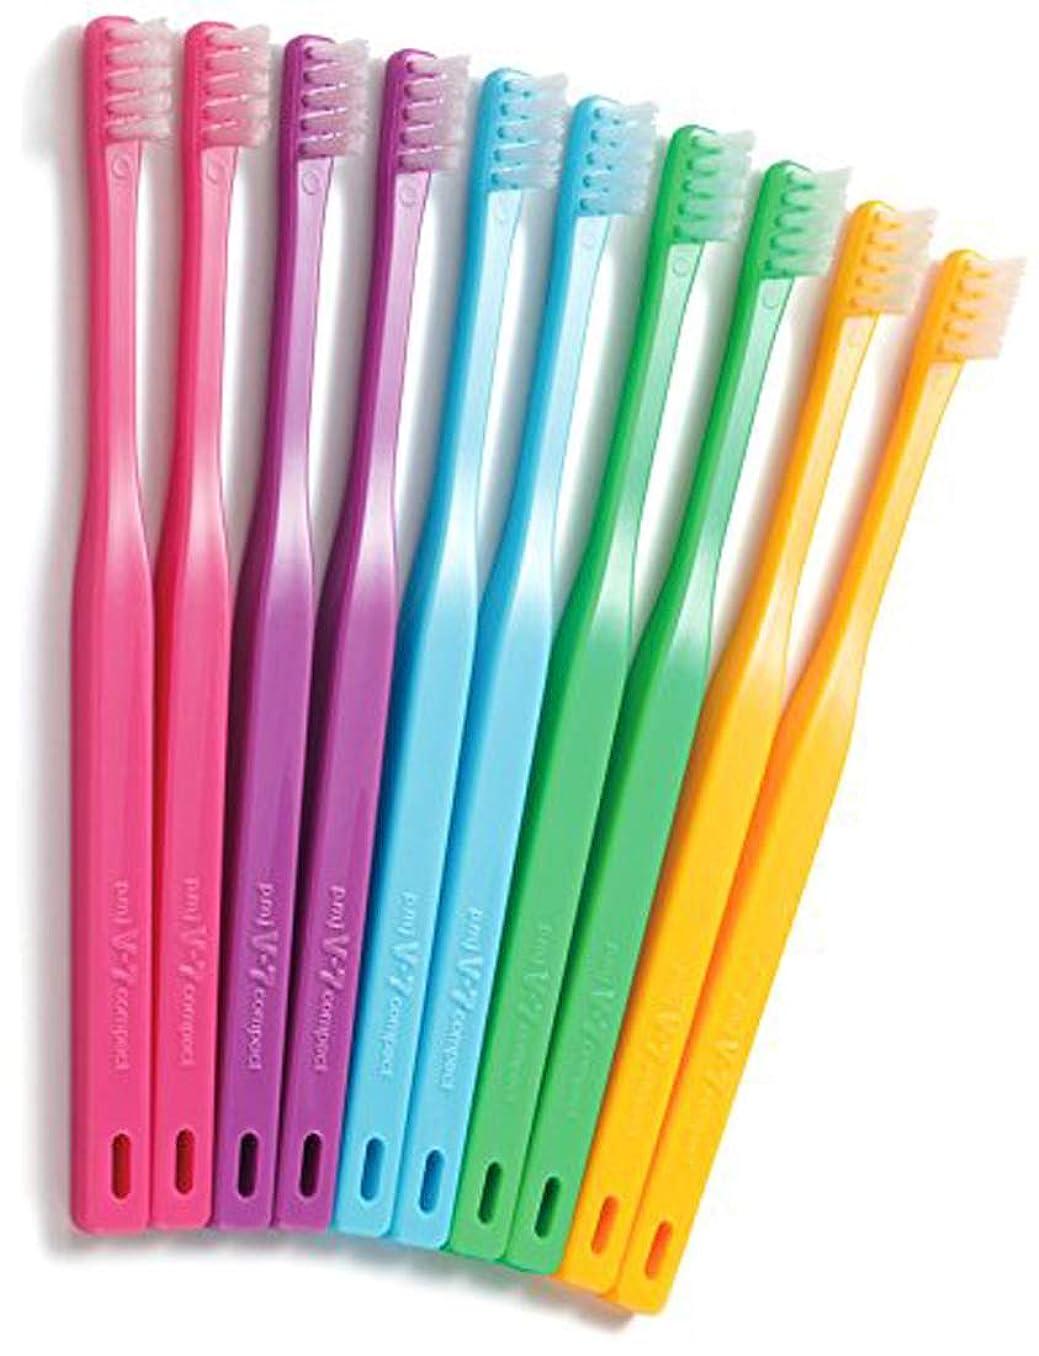 ホイスト主に遅滞つまようじ法歯ブラシ V-7 コンパクトヘッド ビビッドカラー 5本